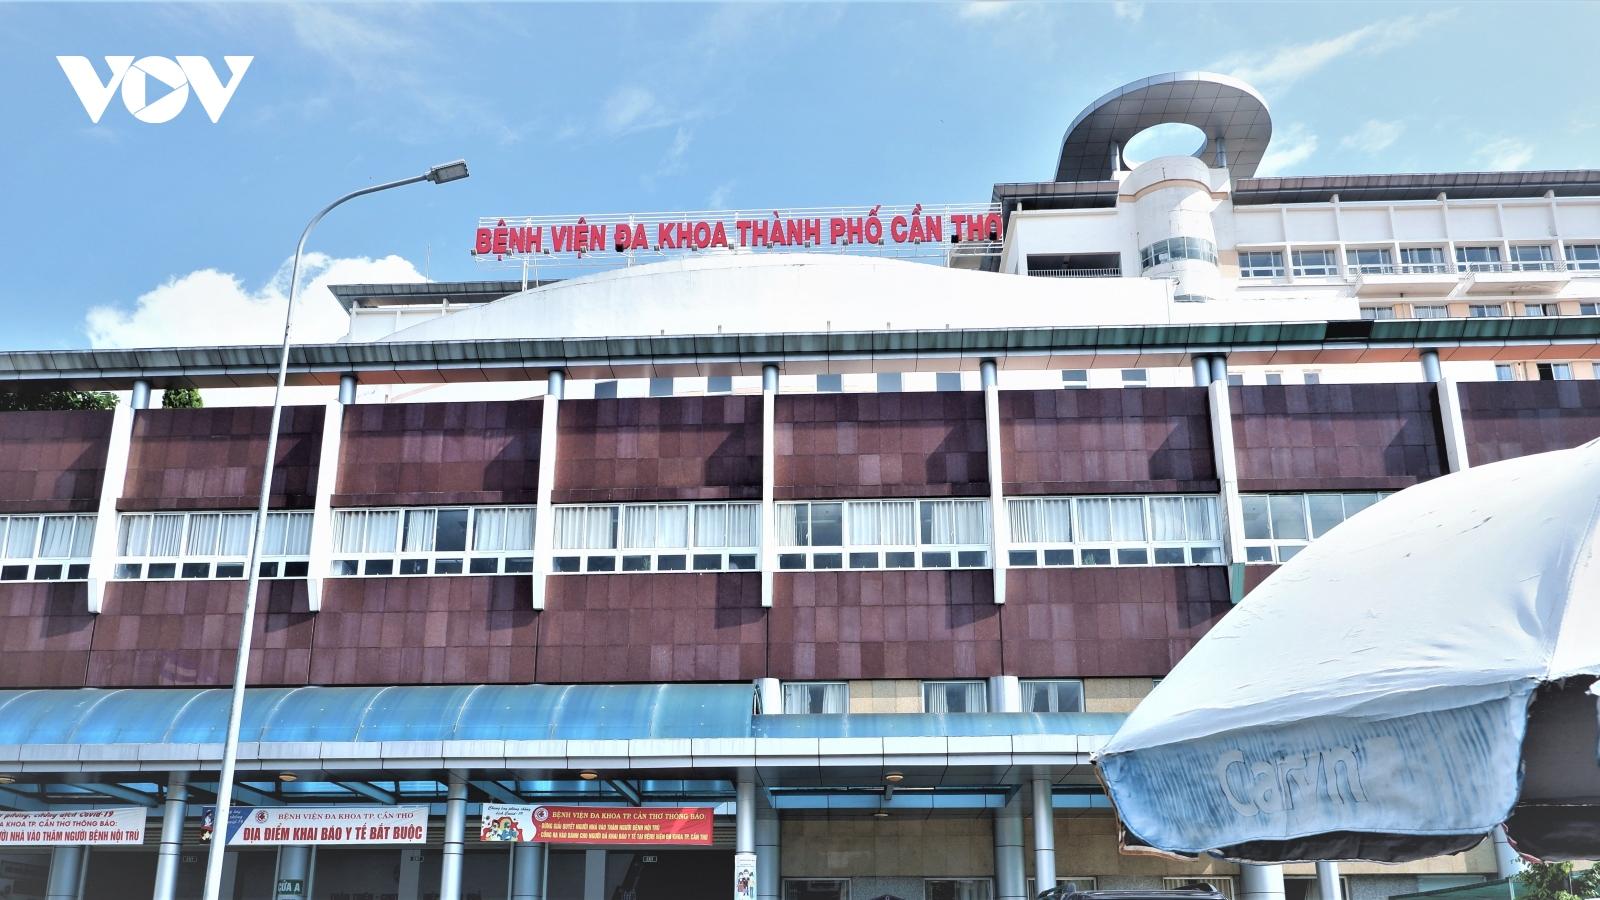 Thành lập 2 bệnh viện dã chiến tại Cần Thơ quy mô 1.200 giường